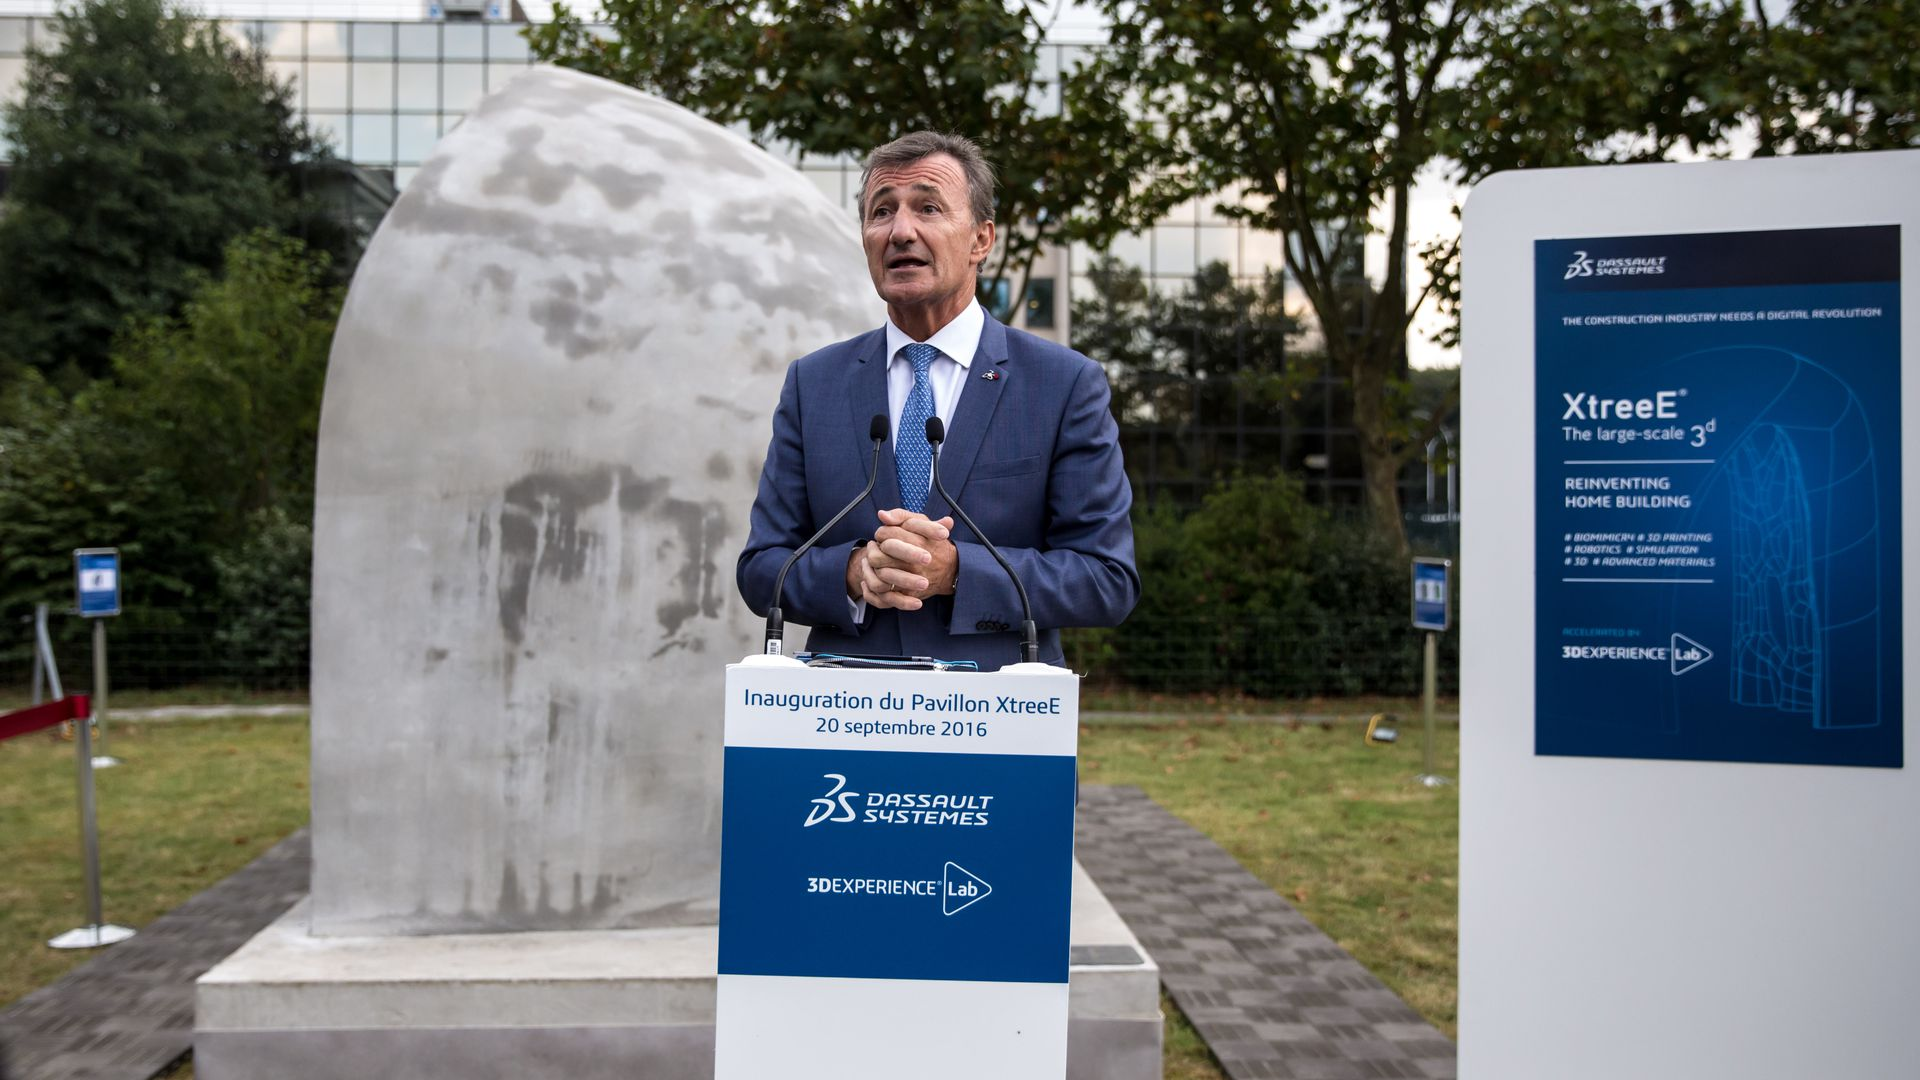 Dassault Systemes CEO Bernard Charles speaks behind a podium.